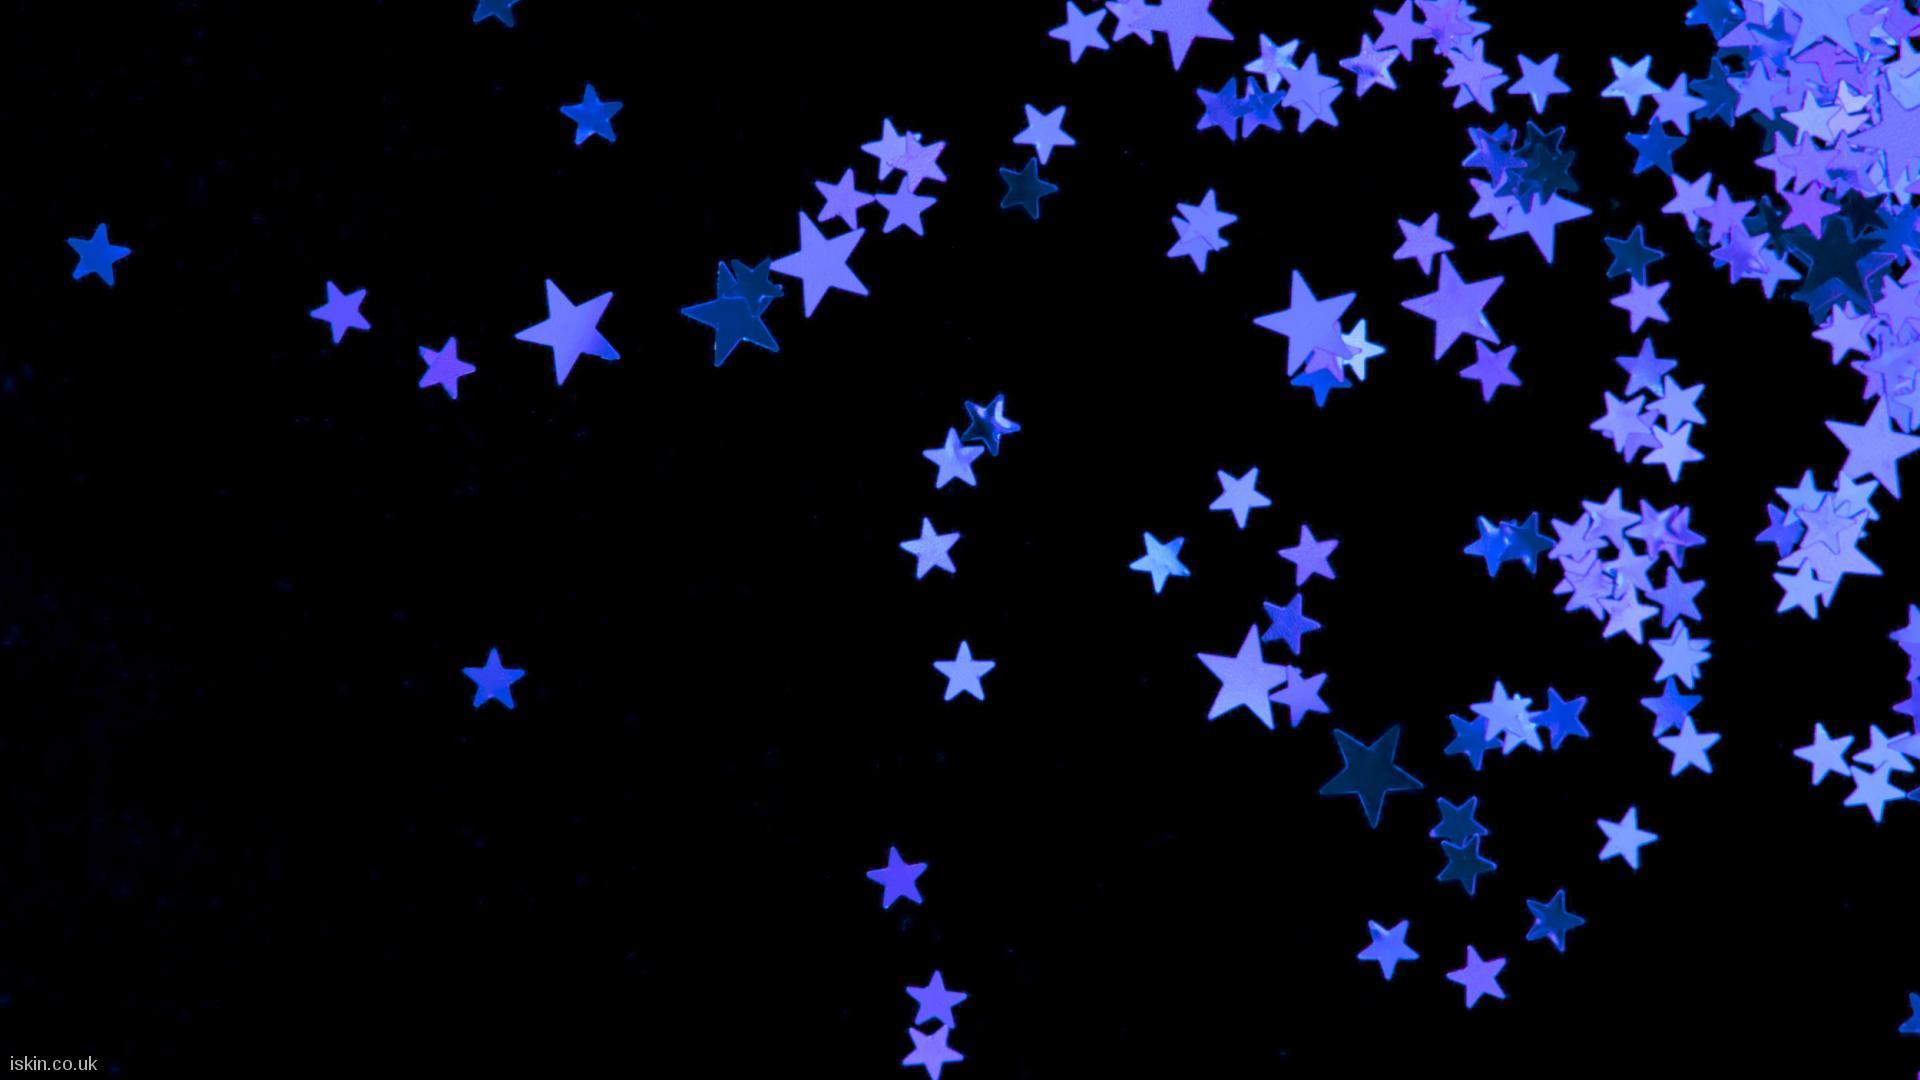 Black And Purple Stars